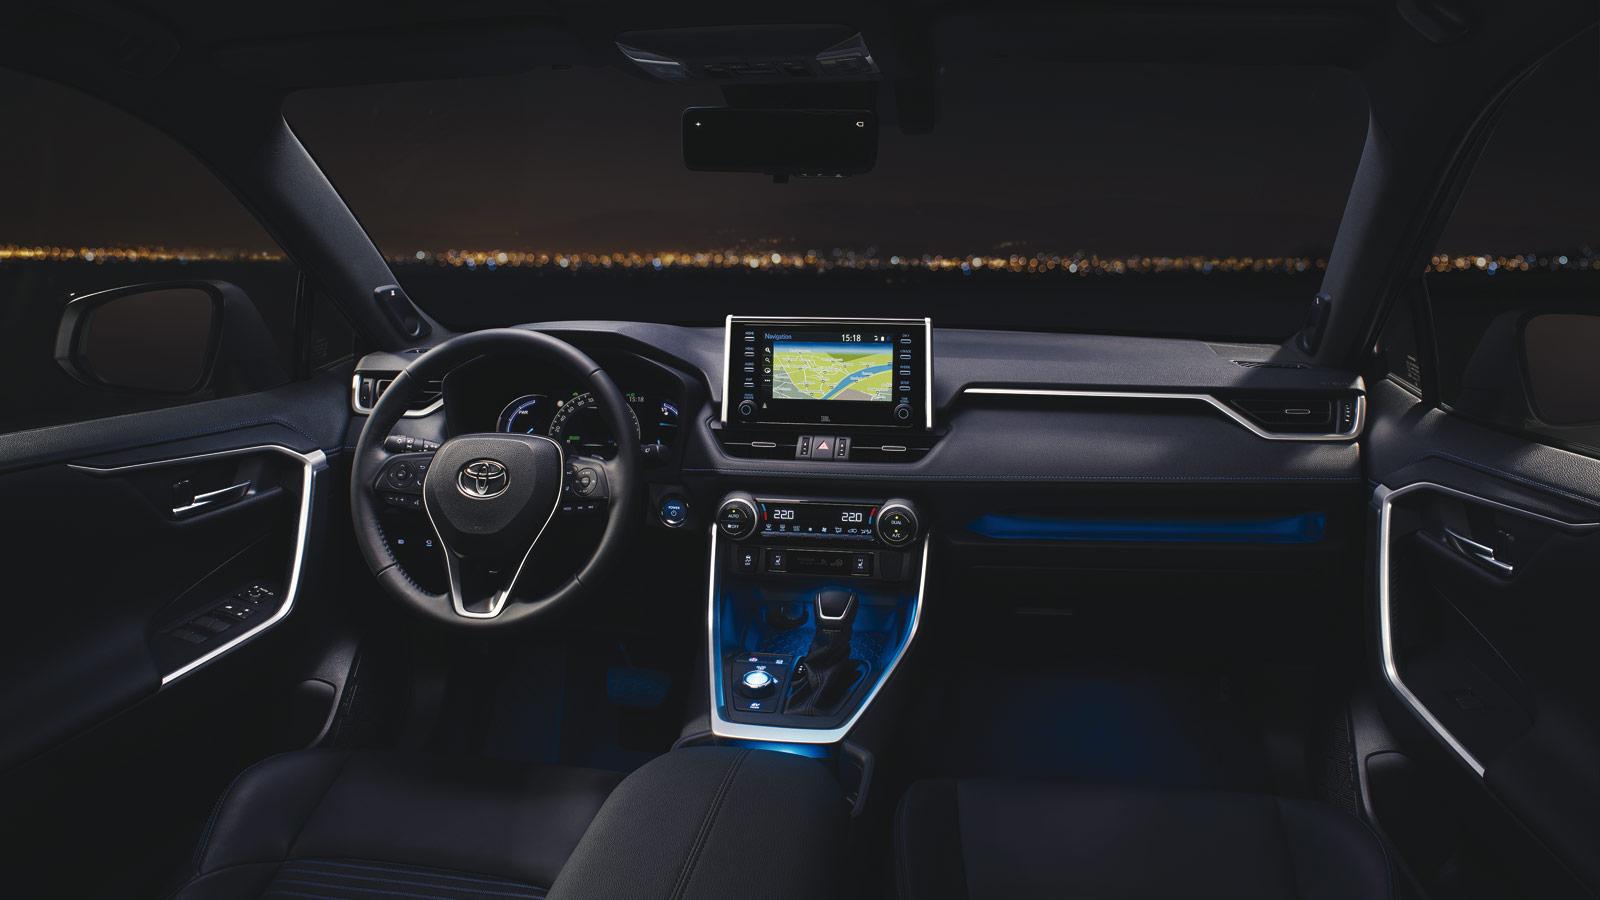 Toyota RAV4 2019 Daten und Fakten hier der Innenraum samt Cockpit Bildquelle: toyota.de